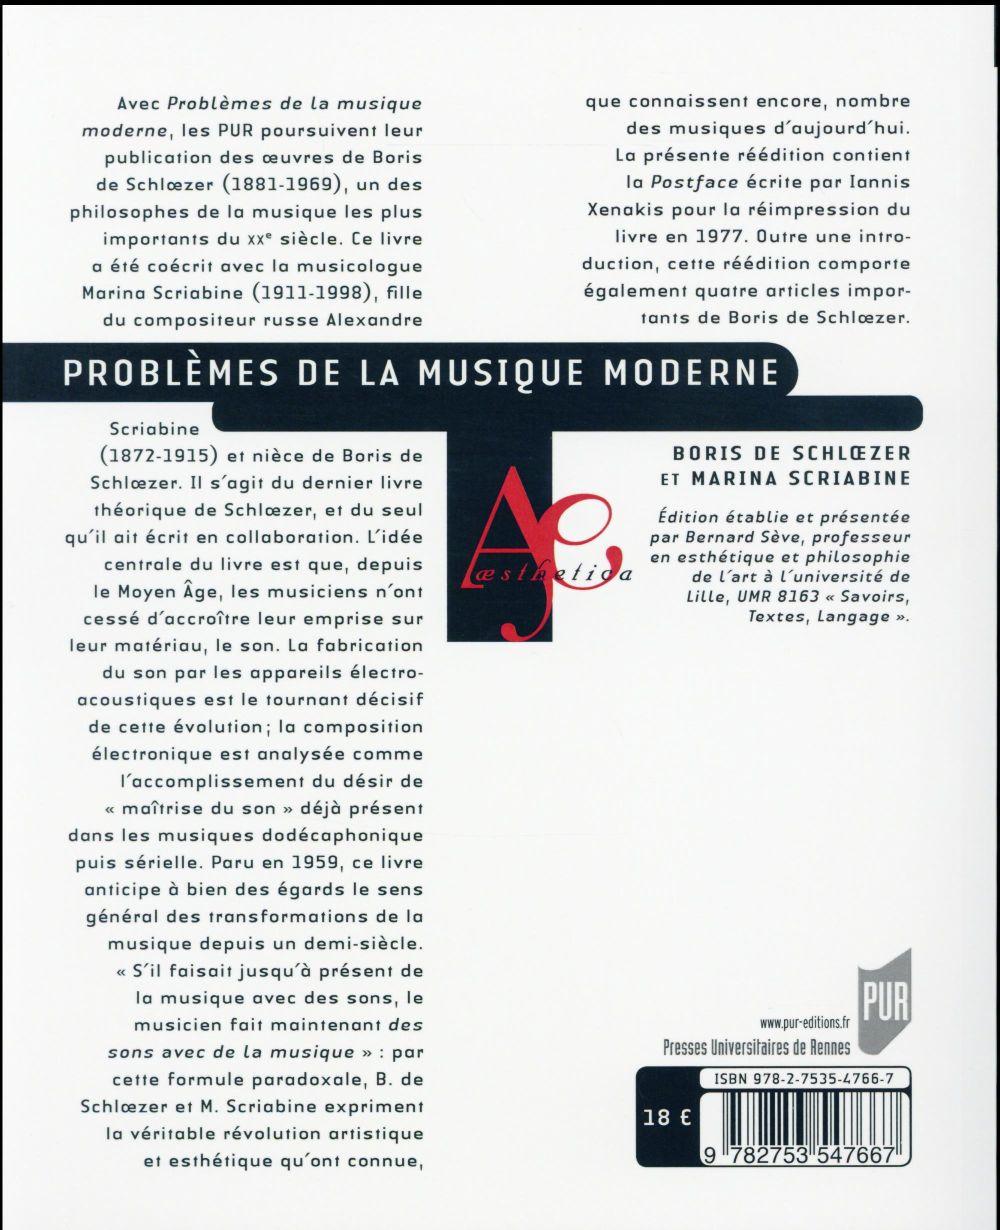 Problèmes de la musique moderne